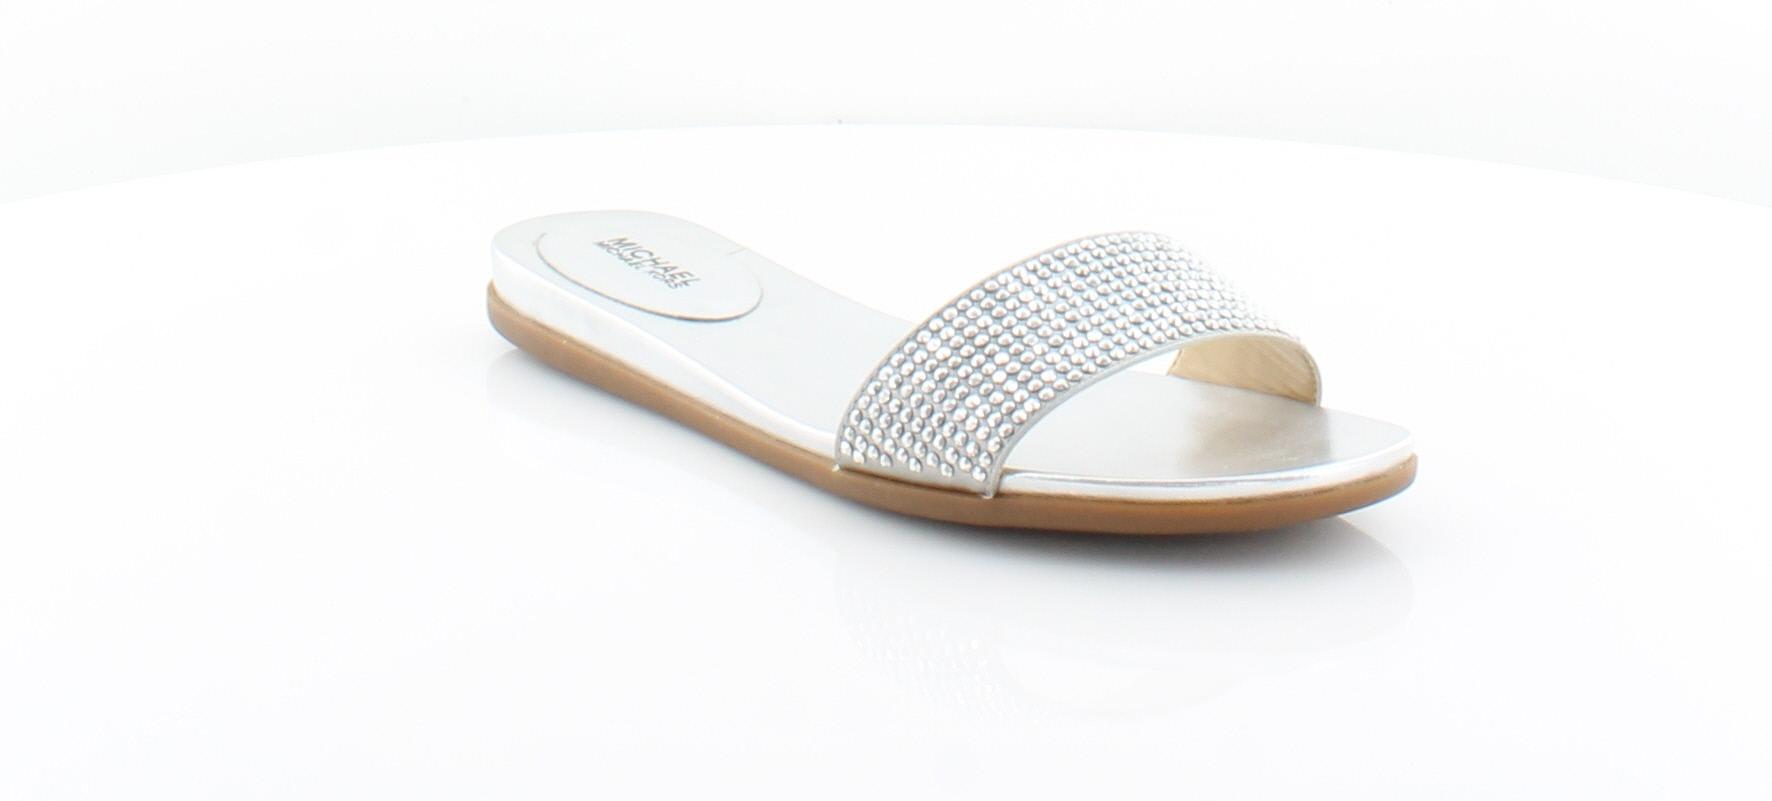 2003fd792453 Michael Kors Eleanor Slide Silver Womens Shoes Size 6 M Sandals MSRP ...